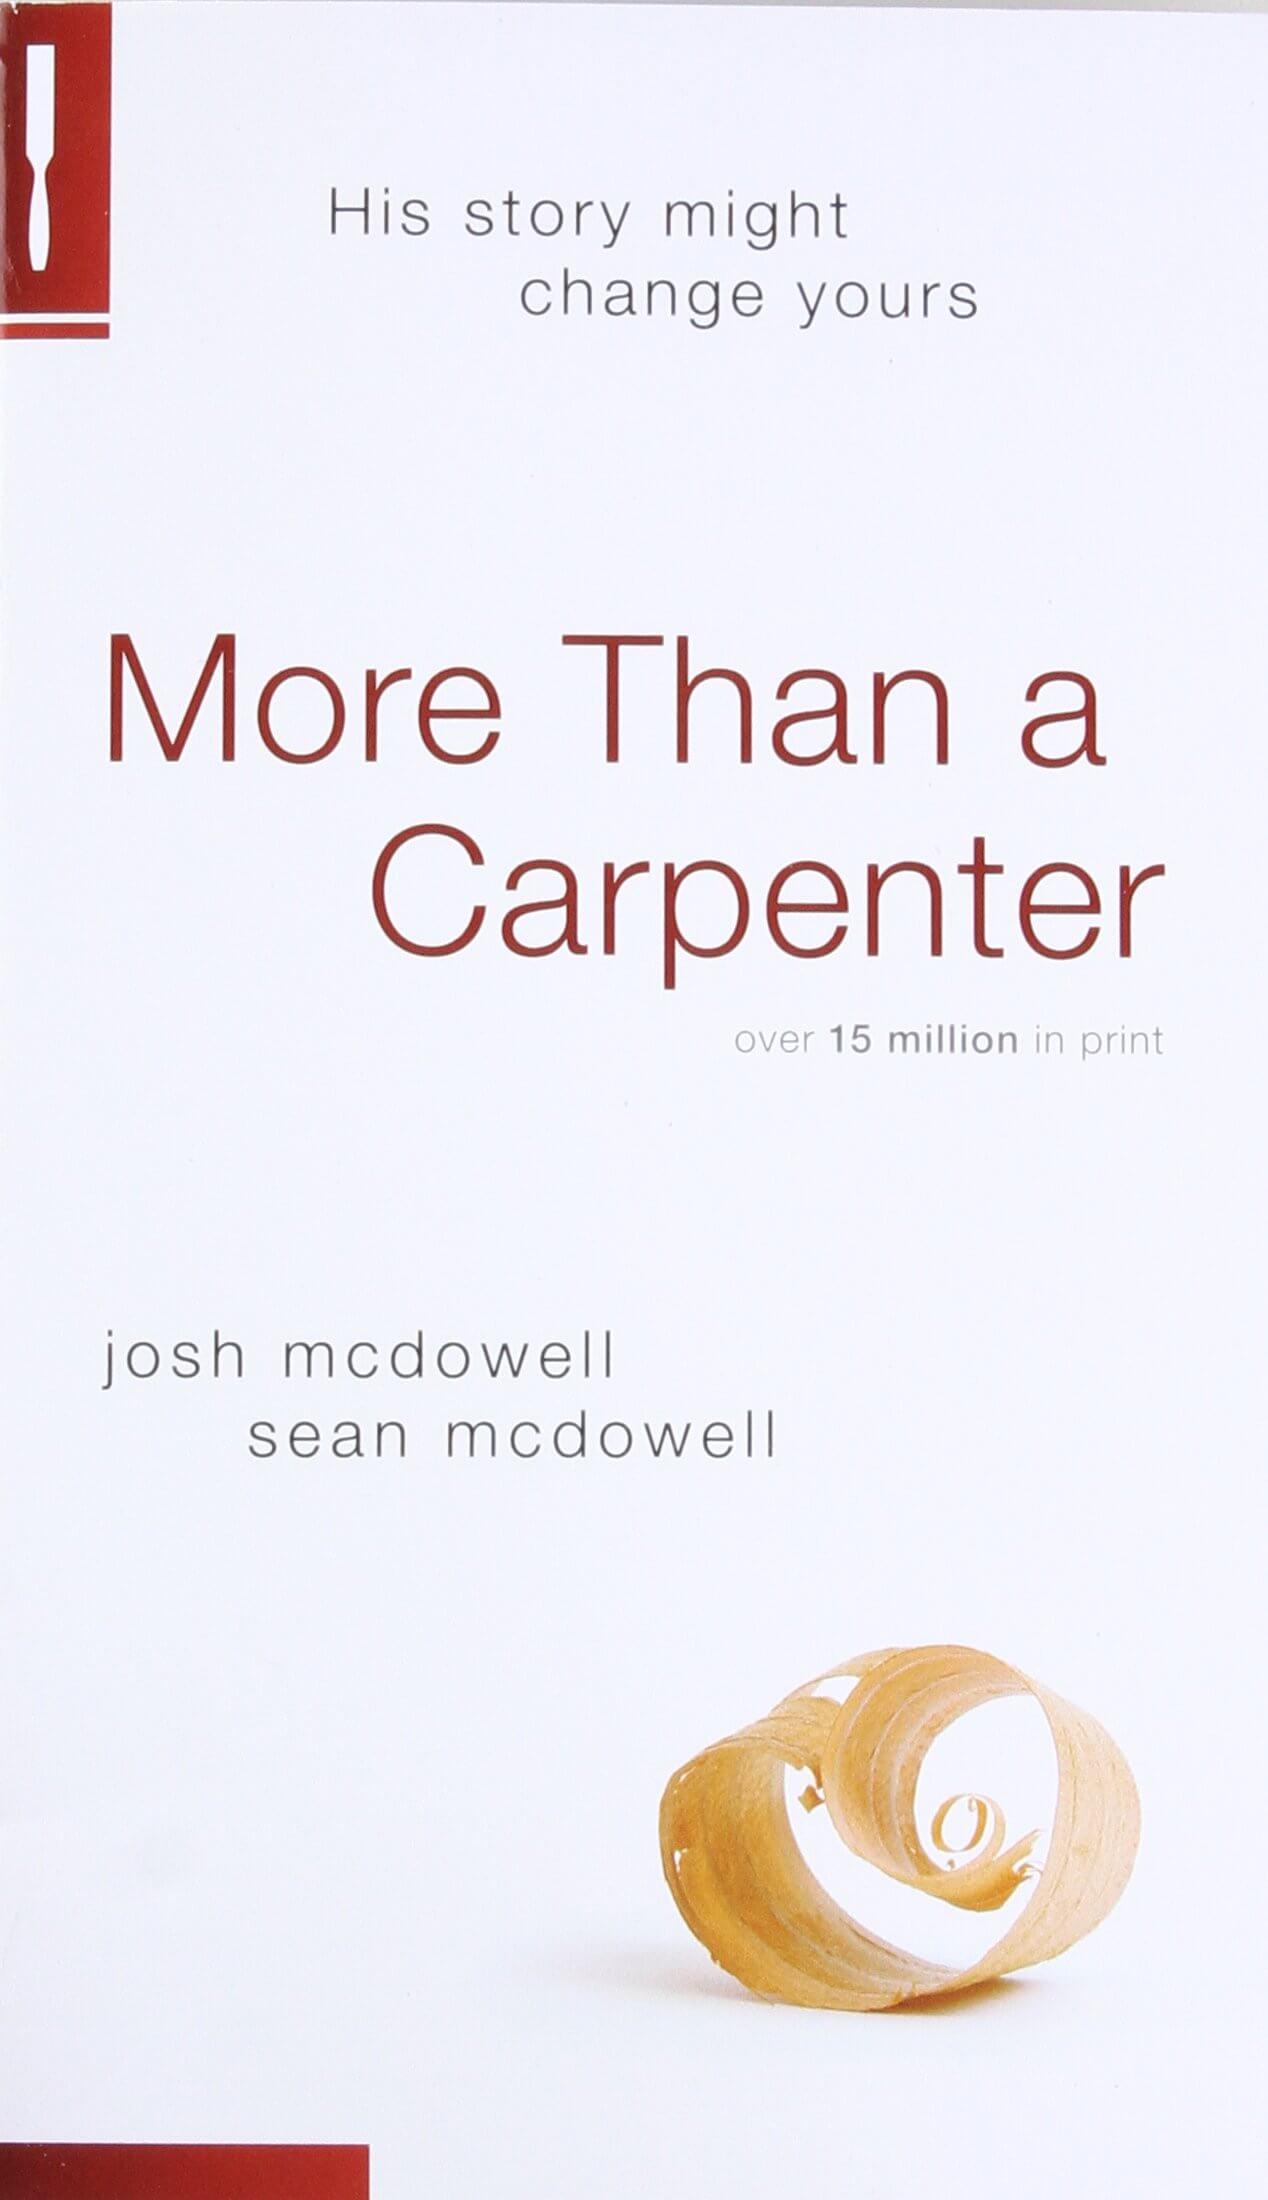 MORE-THAN-A-CARPENTER-MASS-MARKET-BY-JOSH-D-MCDOWELL-SEAN-MCDOWELL